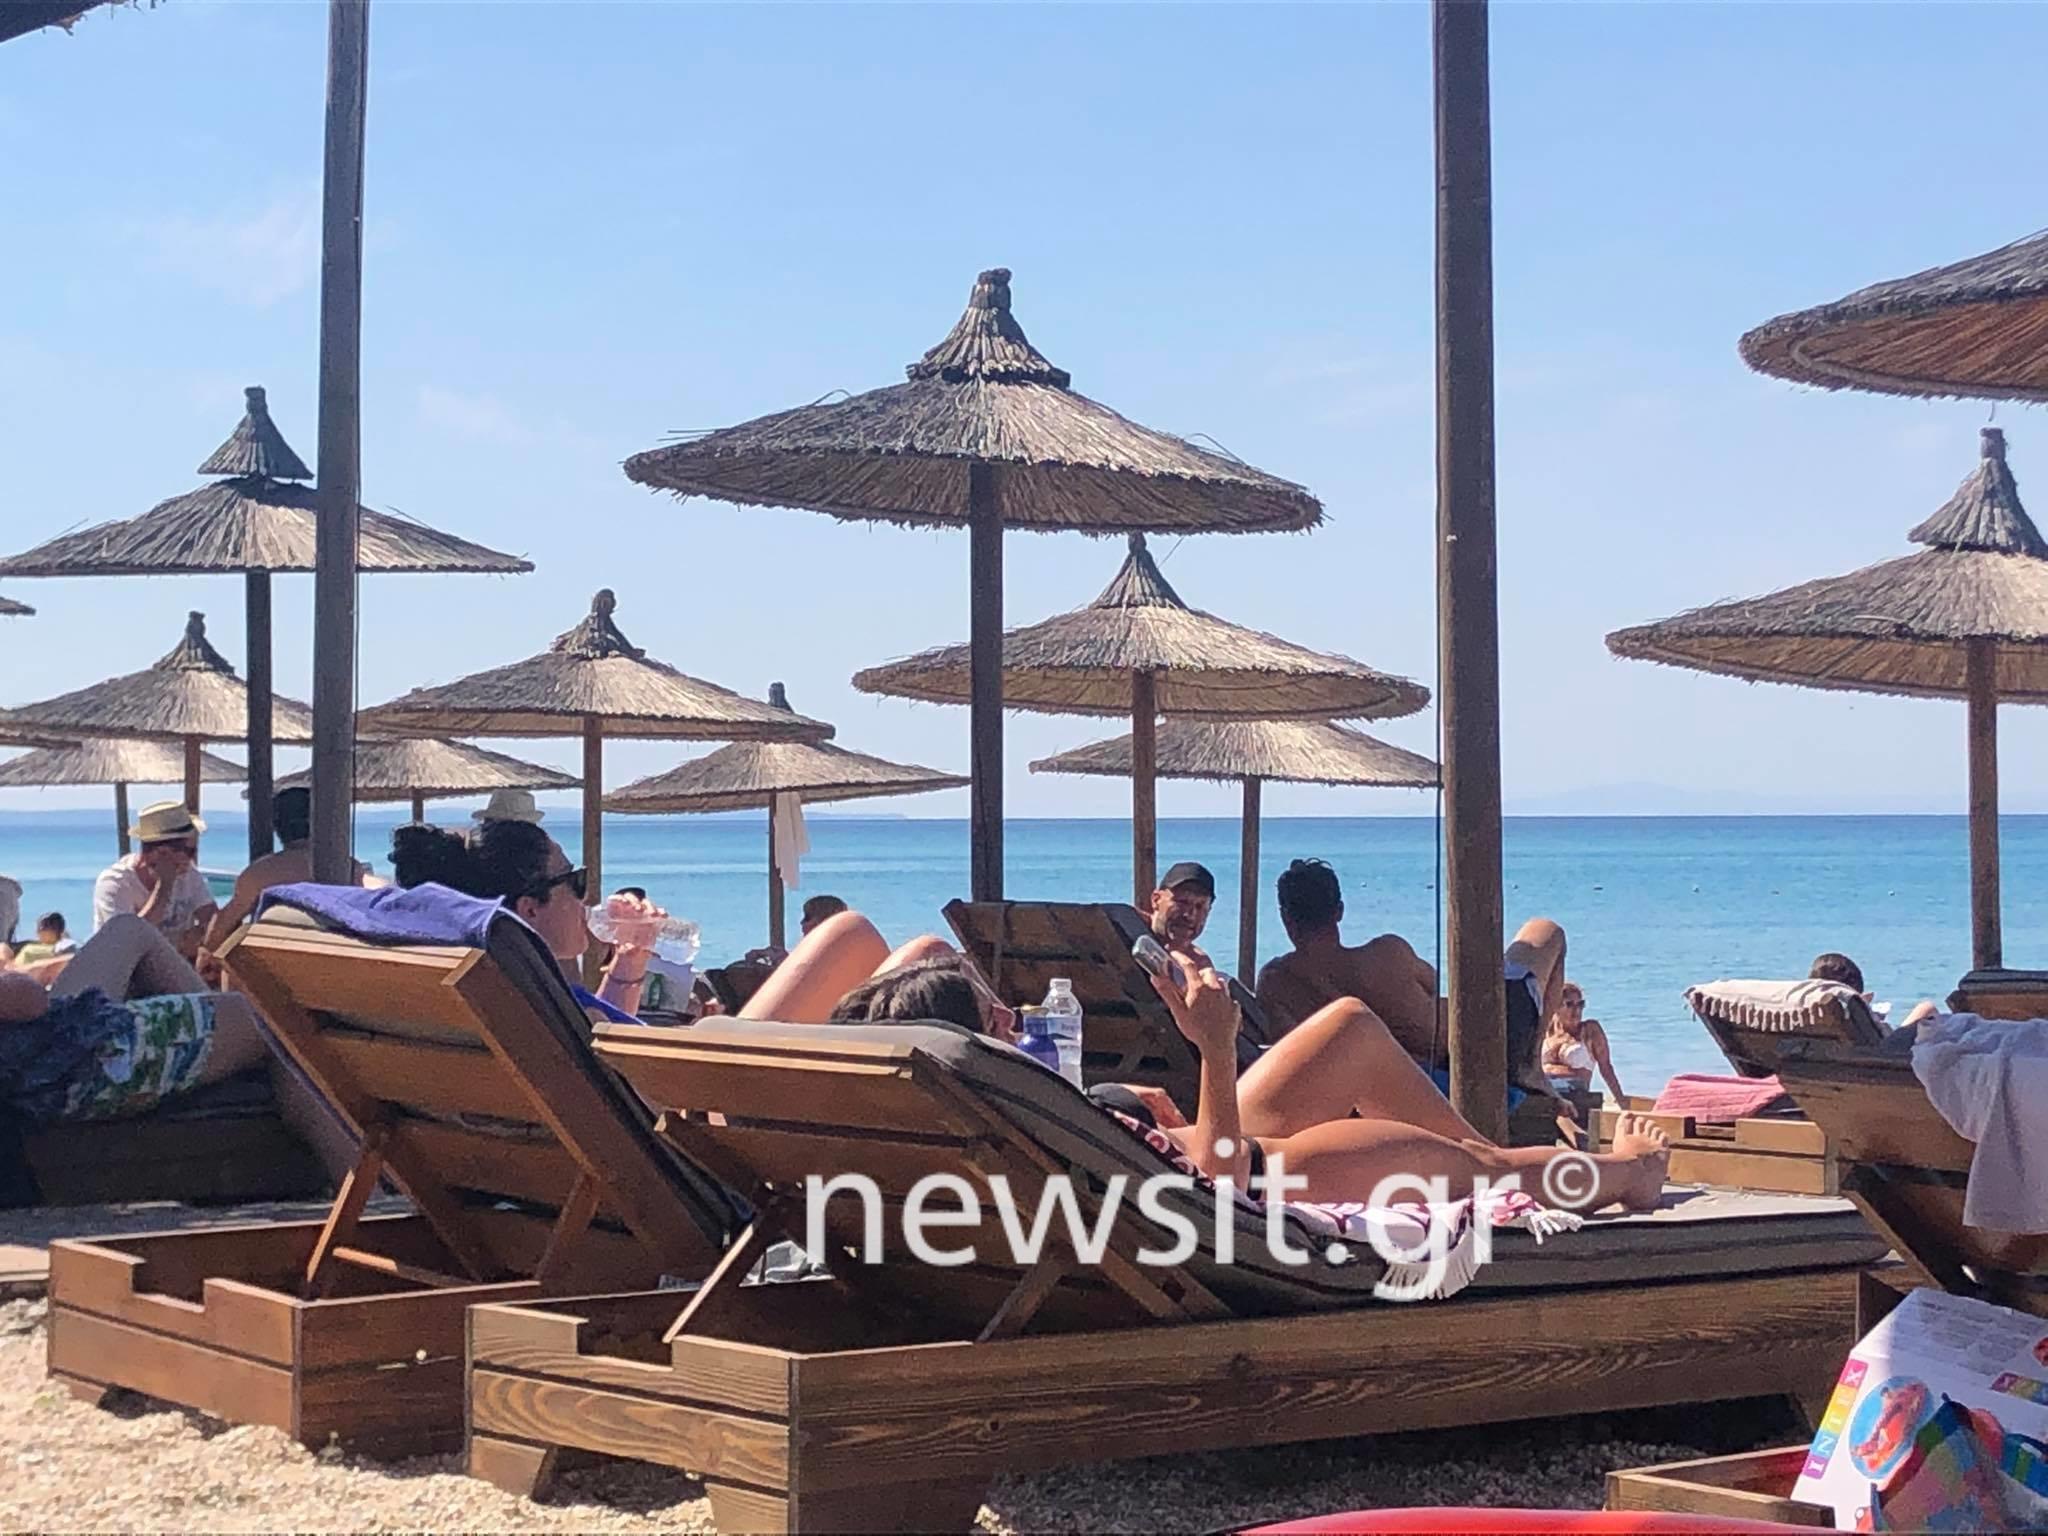 Χαλκιδική: Γέμισαν τις παραλίες και βρήκαν τη λύση στο ένα και μοναδικό πρόβλημα που αντιμετώπισαν